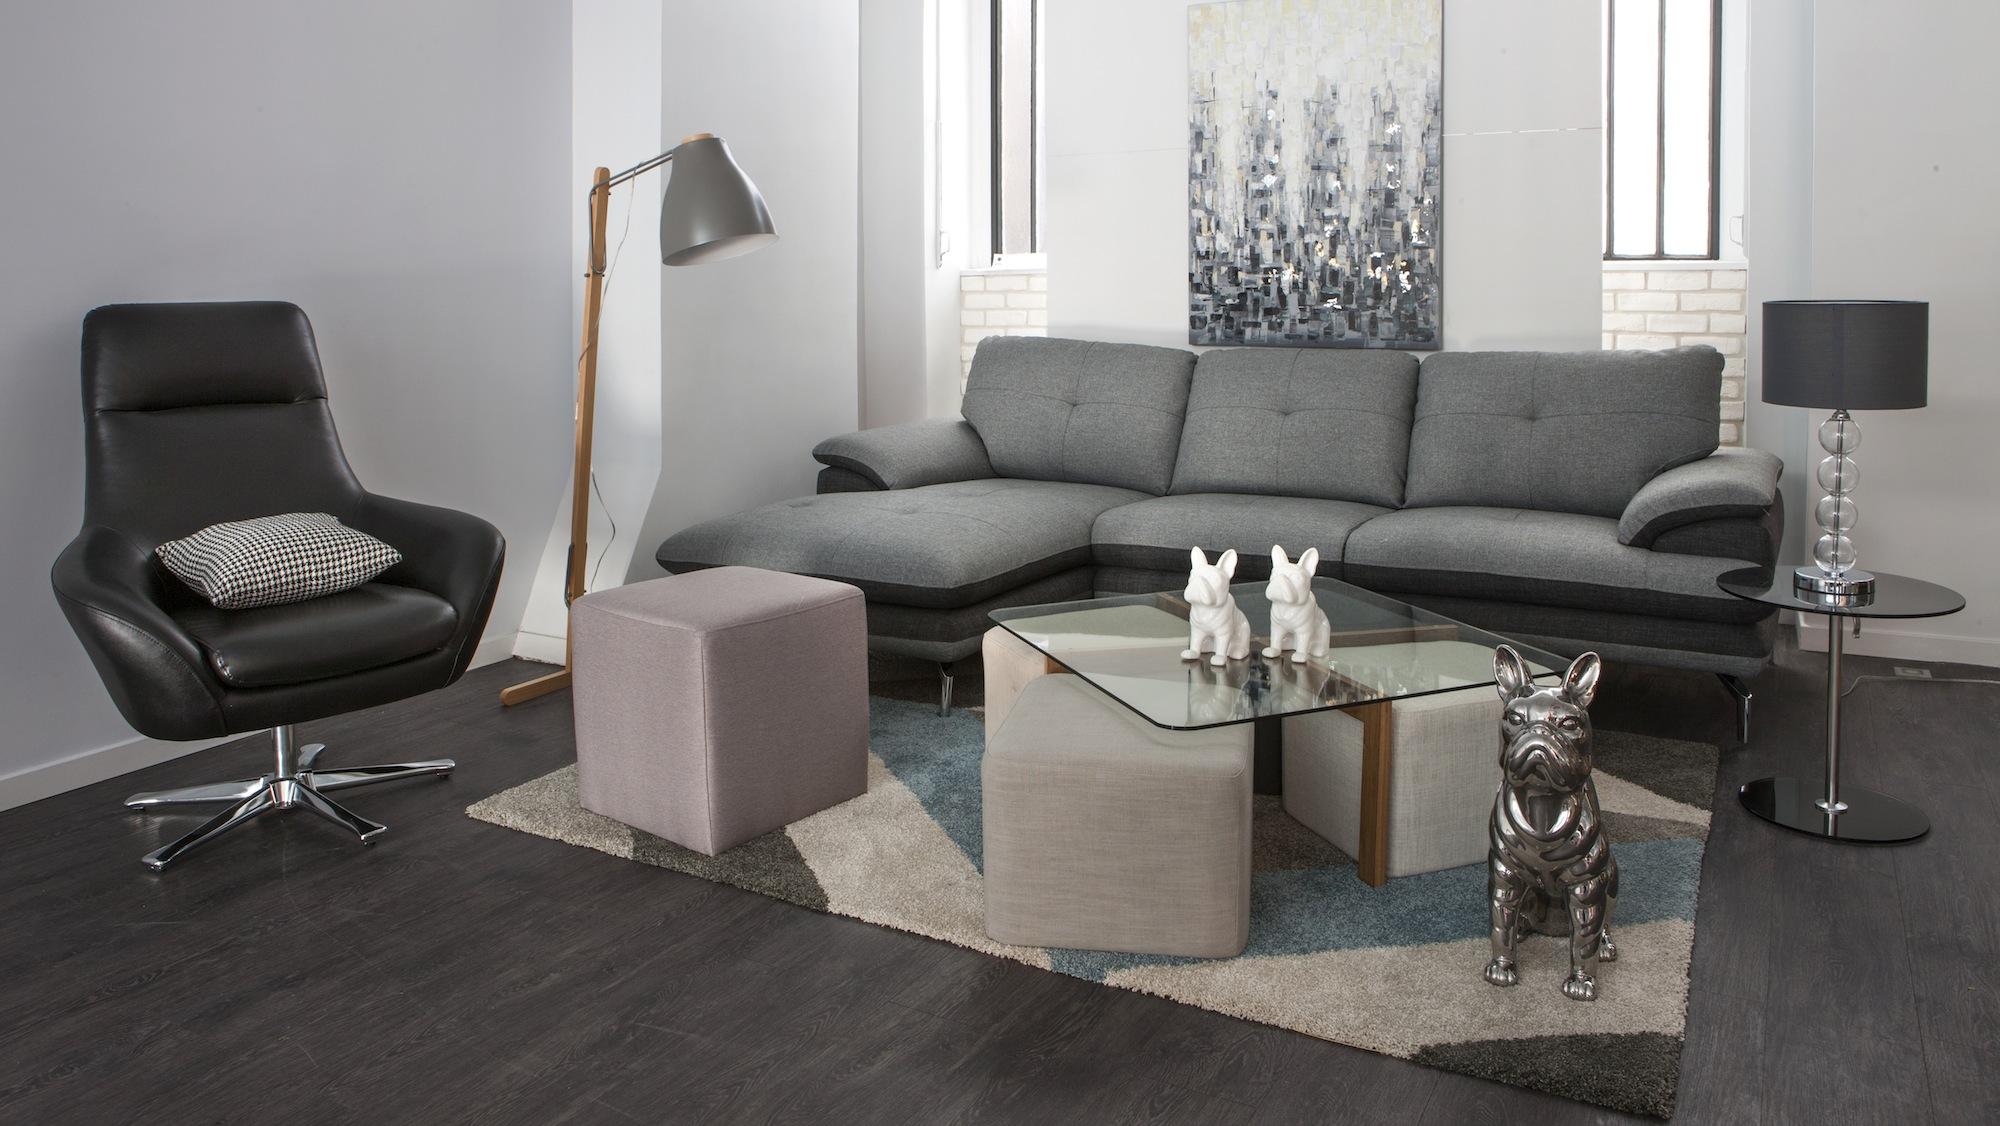 Table Basse Avec Pouf But.Table Basse Avec Poufs Integres Ikea Mobilier Design